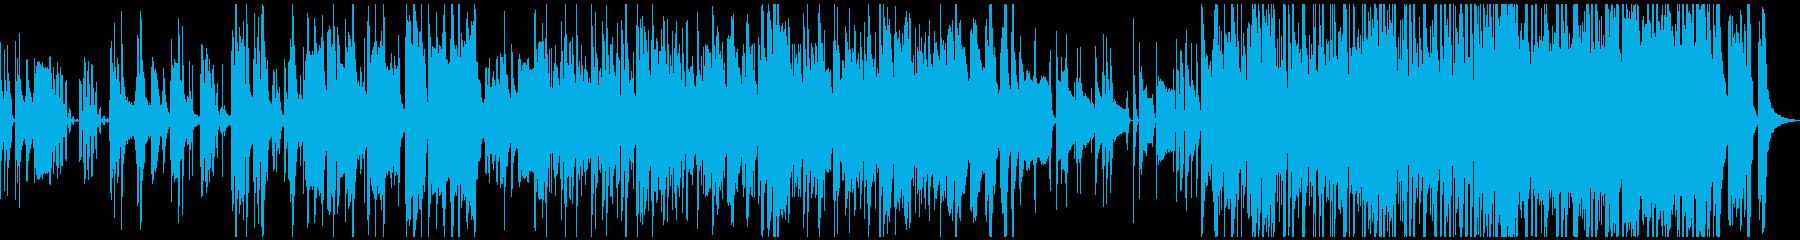 オーケストラ楽器卑劣でいたずら好き...の再生済みの波形